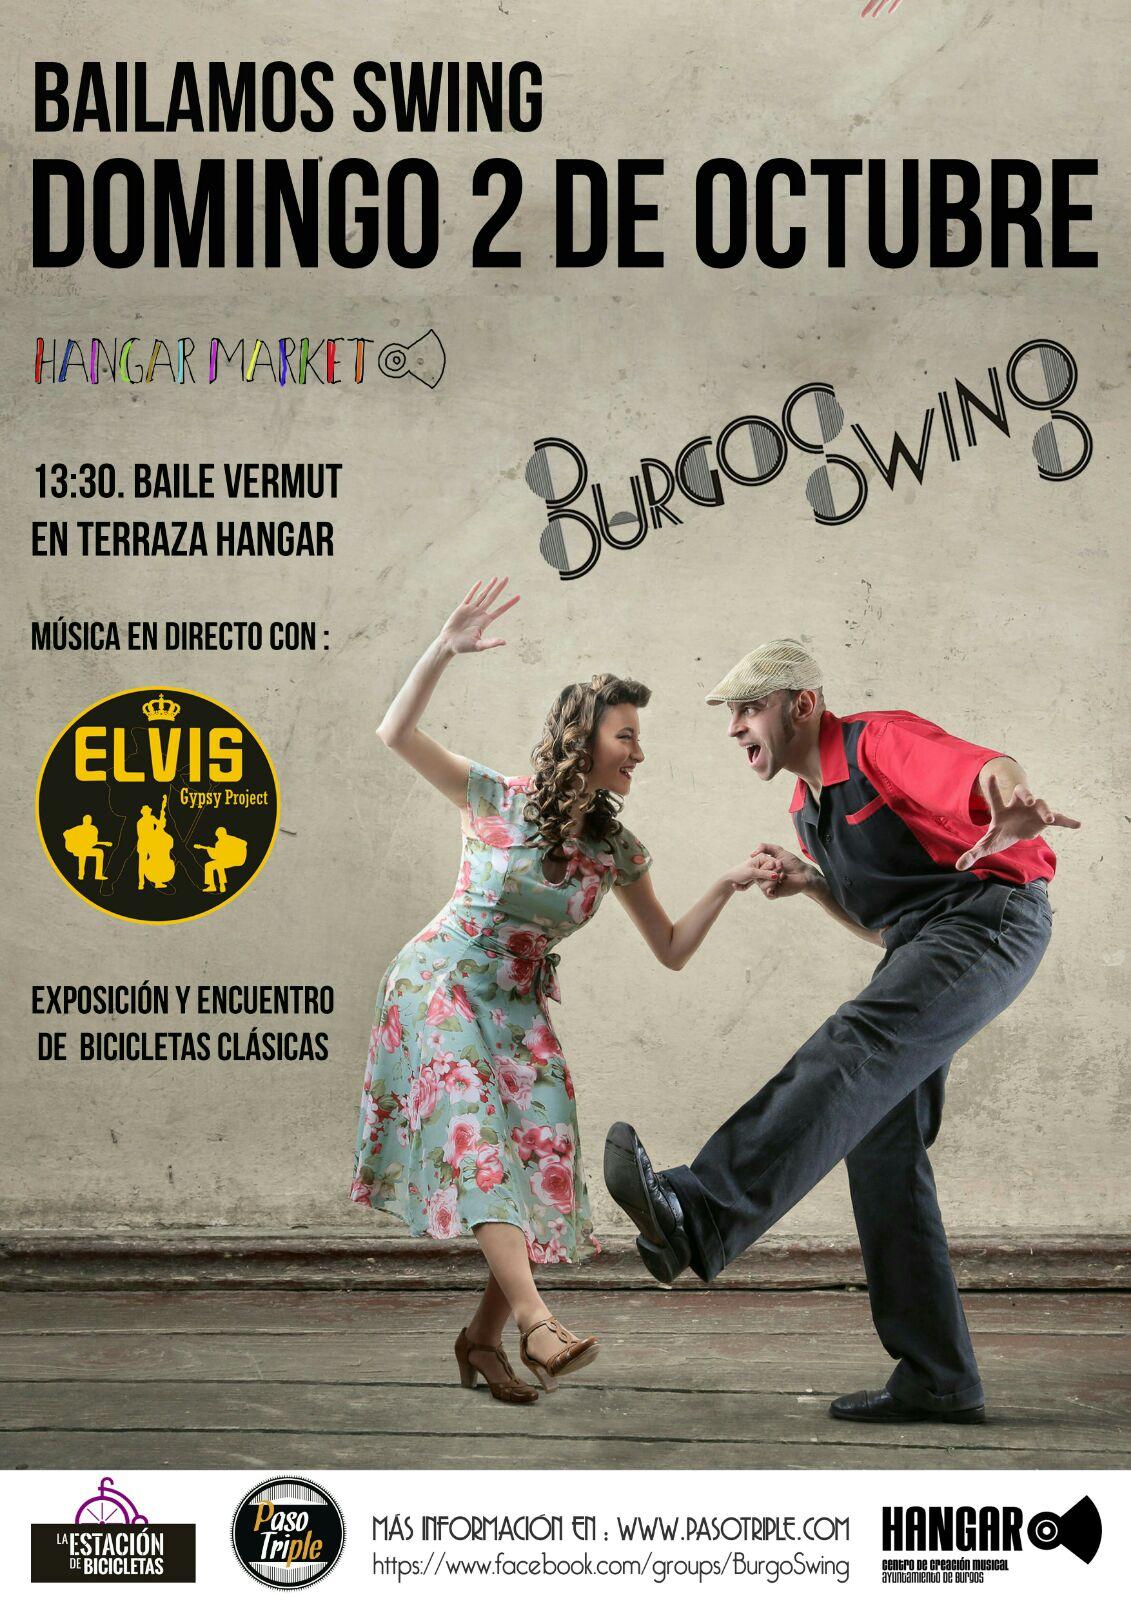 Cartel del evento Bailamos Swing. Del Hangar